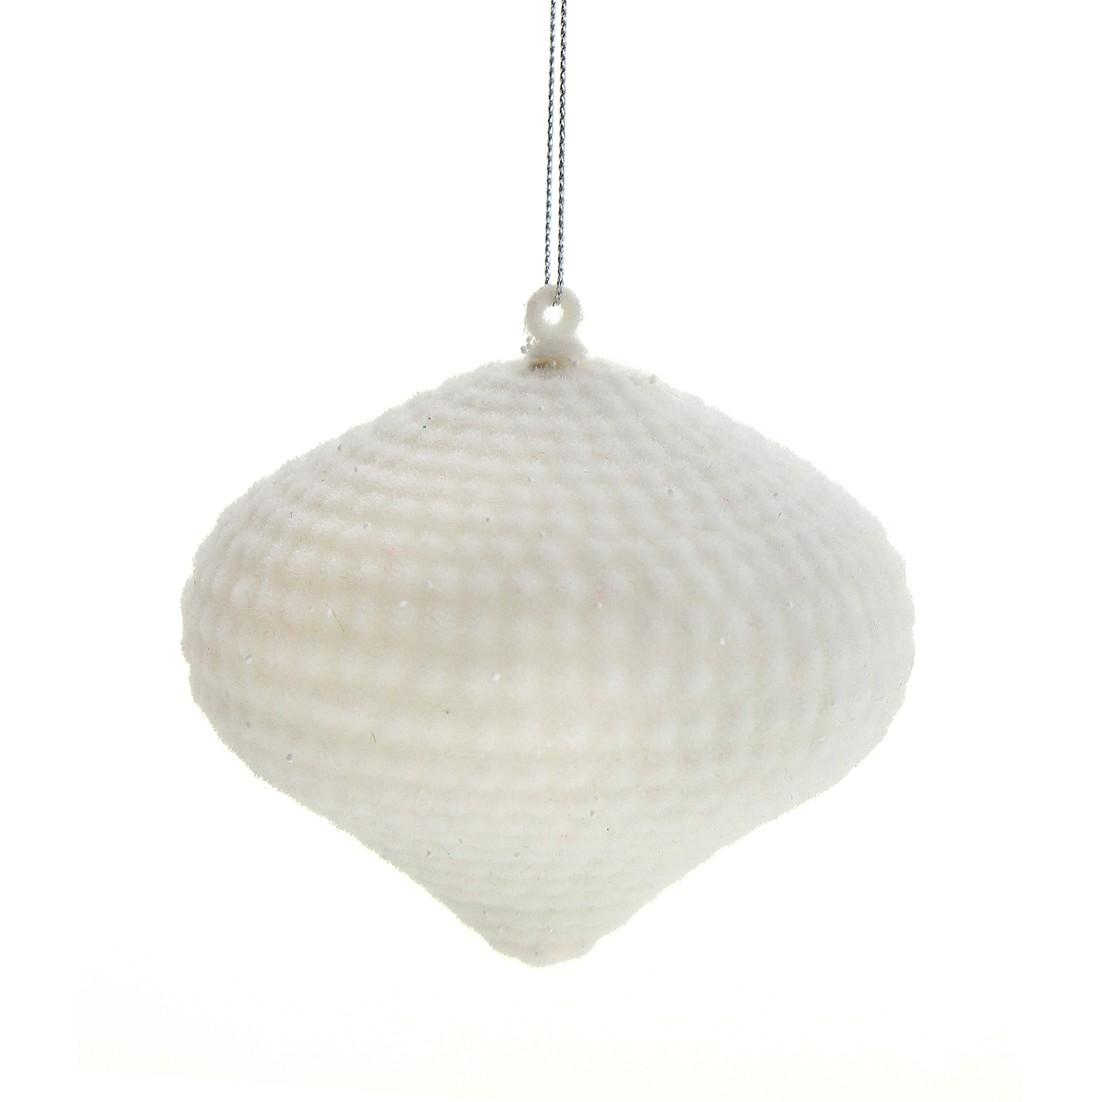 Enfeite de Arvore Natalina Peao 10 cm Branco - 34782-008